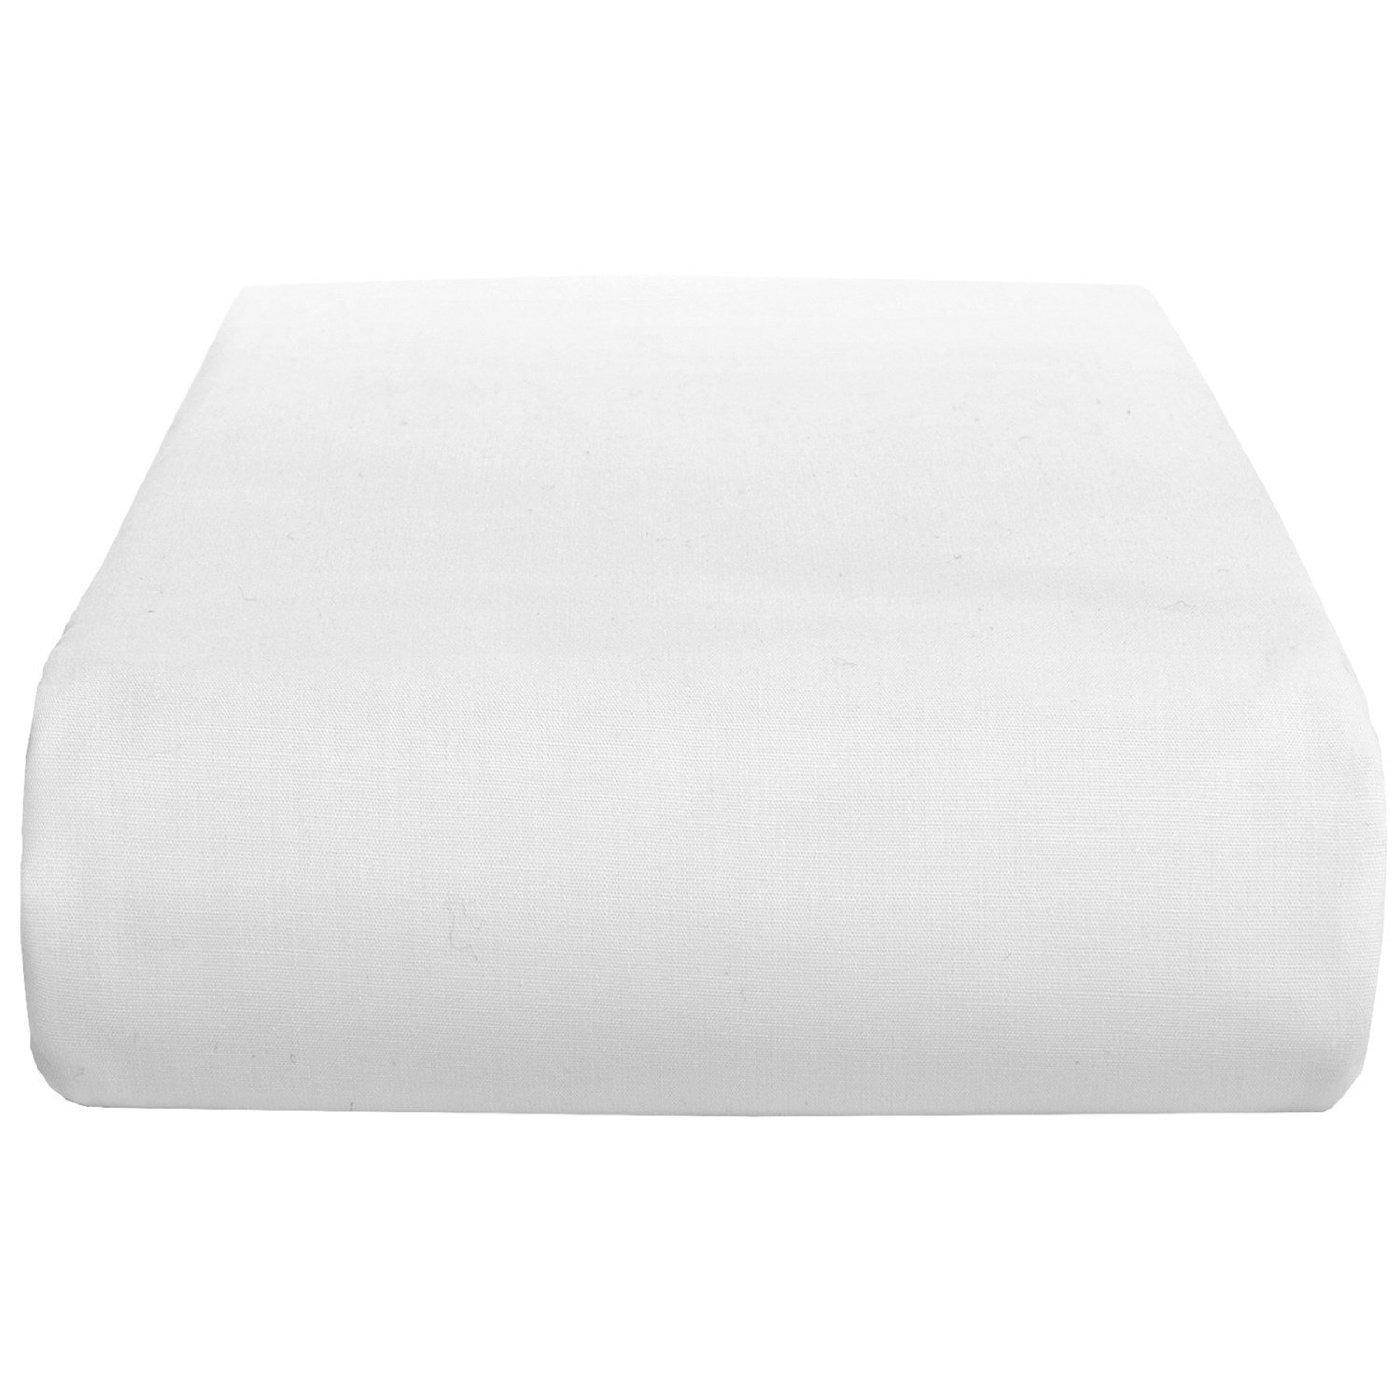 500余分な深いポケットエジプト綿スーパーソフトシーツ/ボトムシートQueenソリッドホワイトFit Up to 21